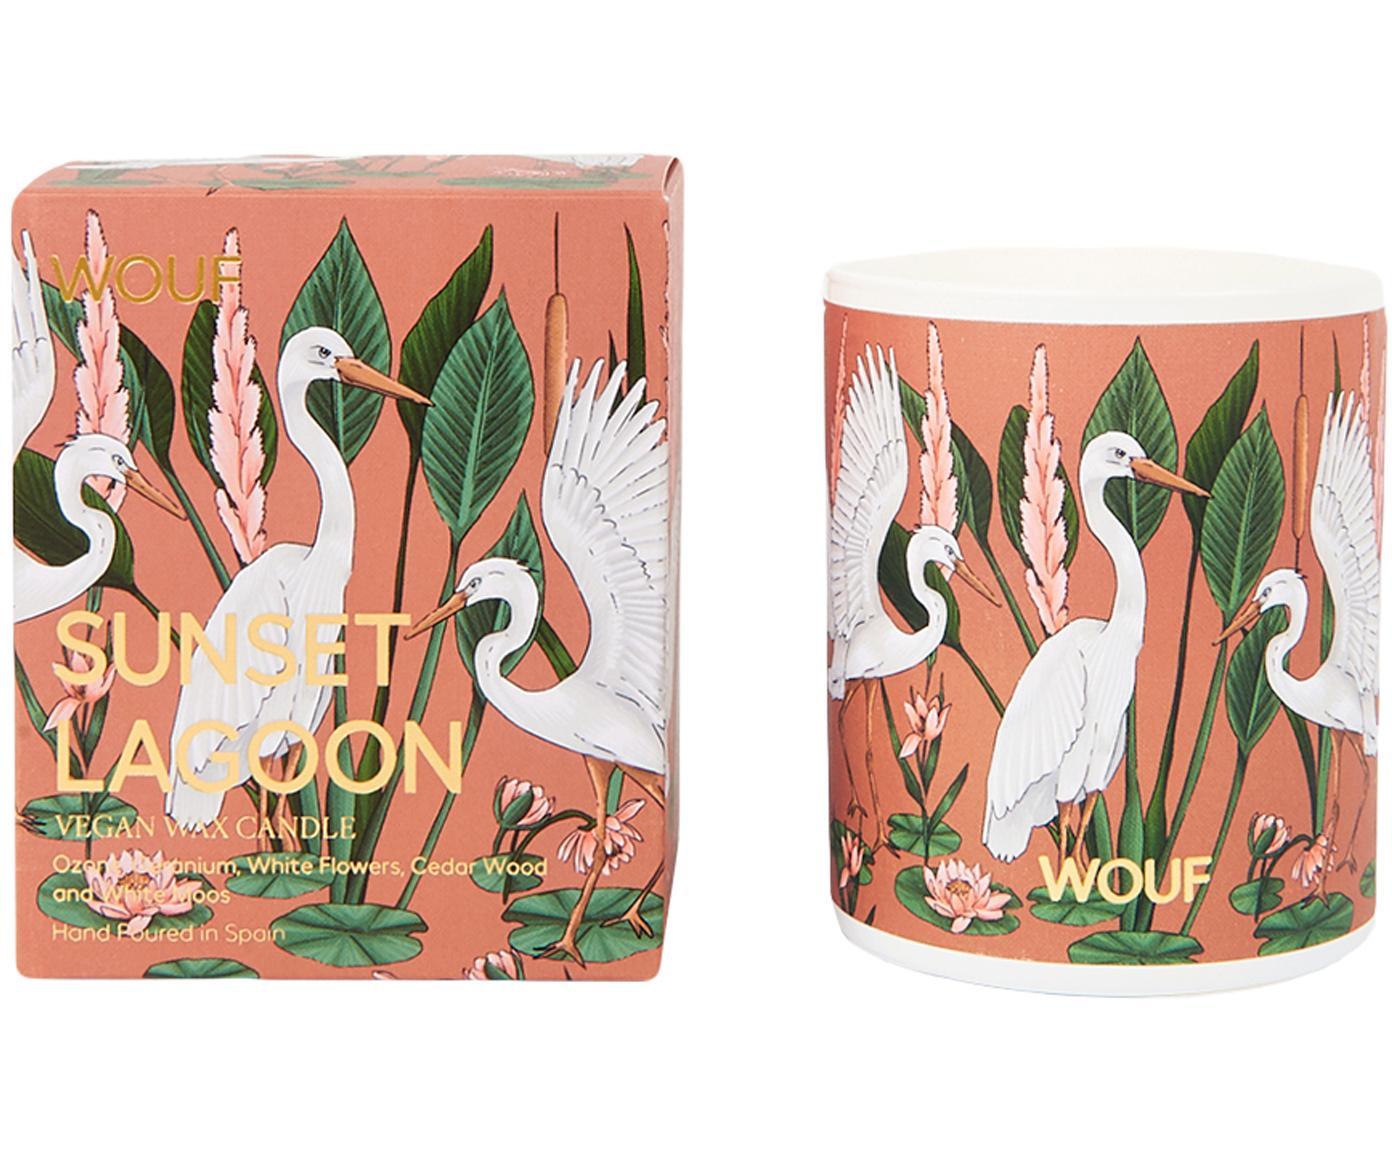 Duftkerze Sunset Lagoon (Geranie, Weiße Blüten, Zedernholz), Vegetarisches Wachs, Glas, Terrakotta, Mehrfarbig, Ø 8 x H 10 cm